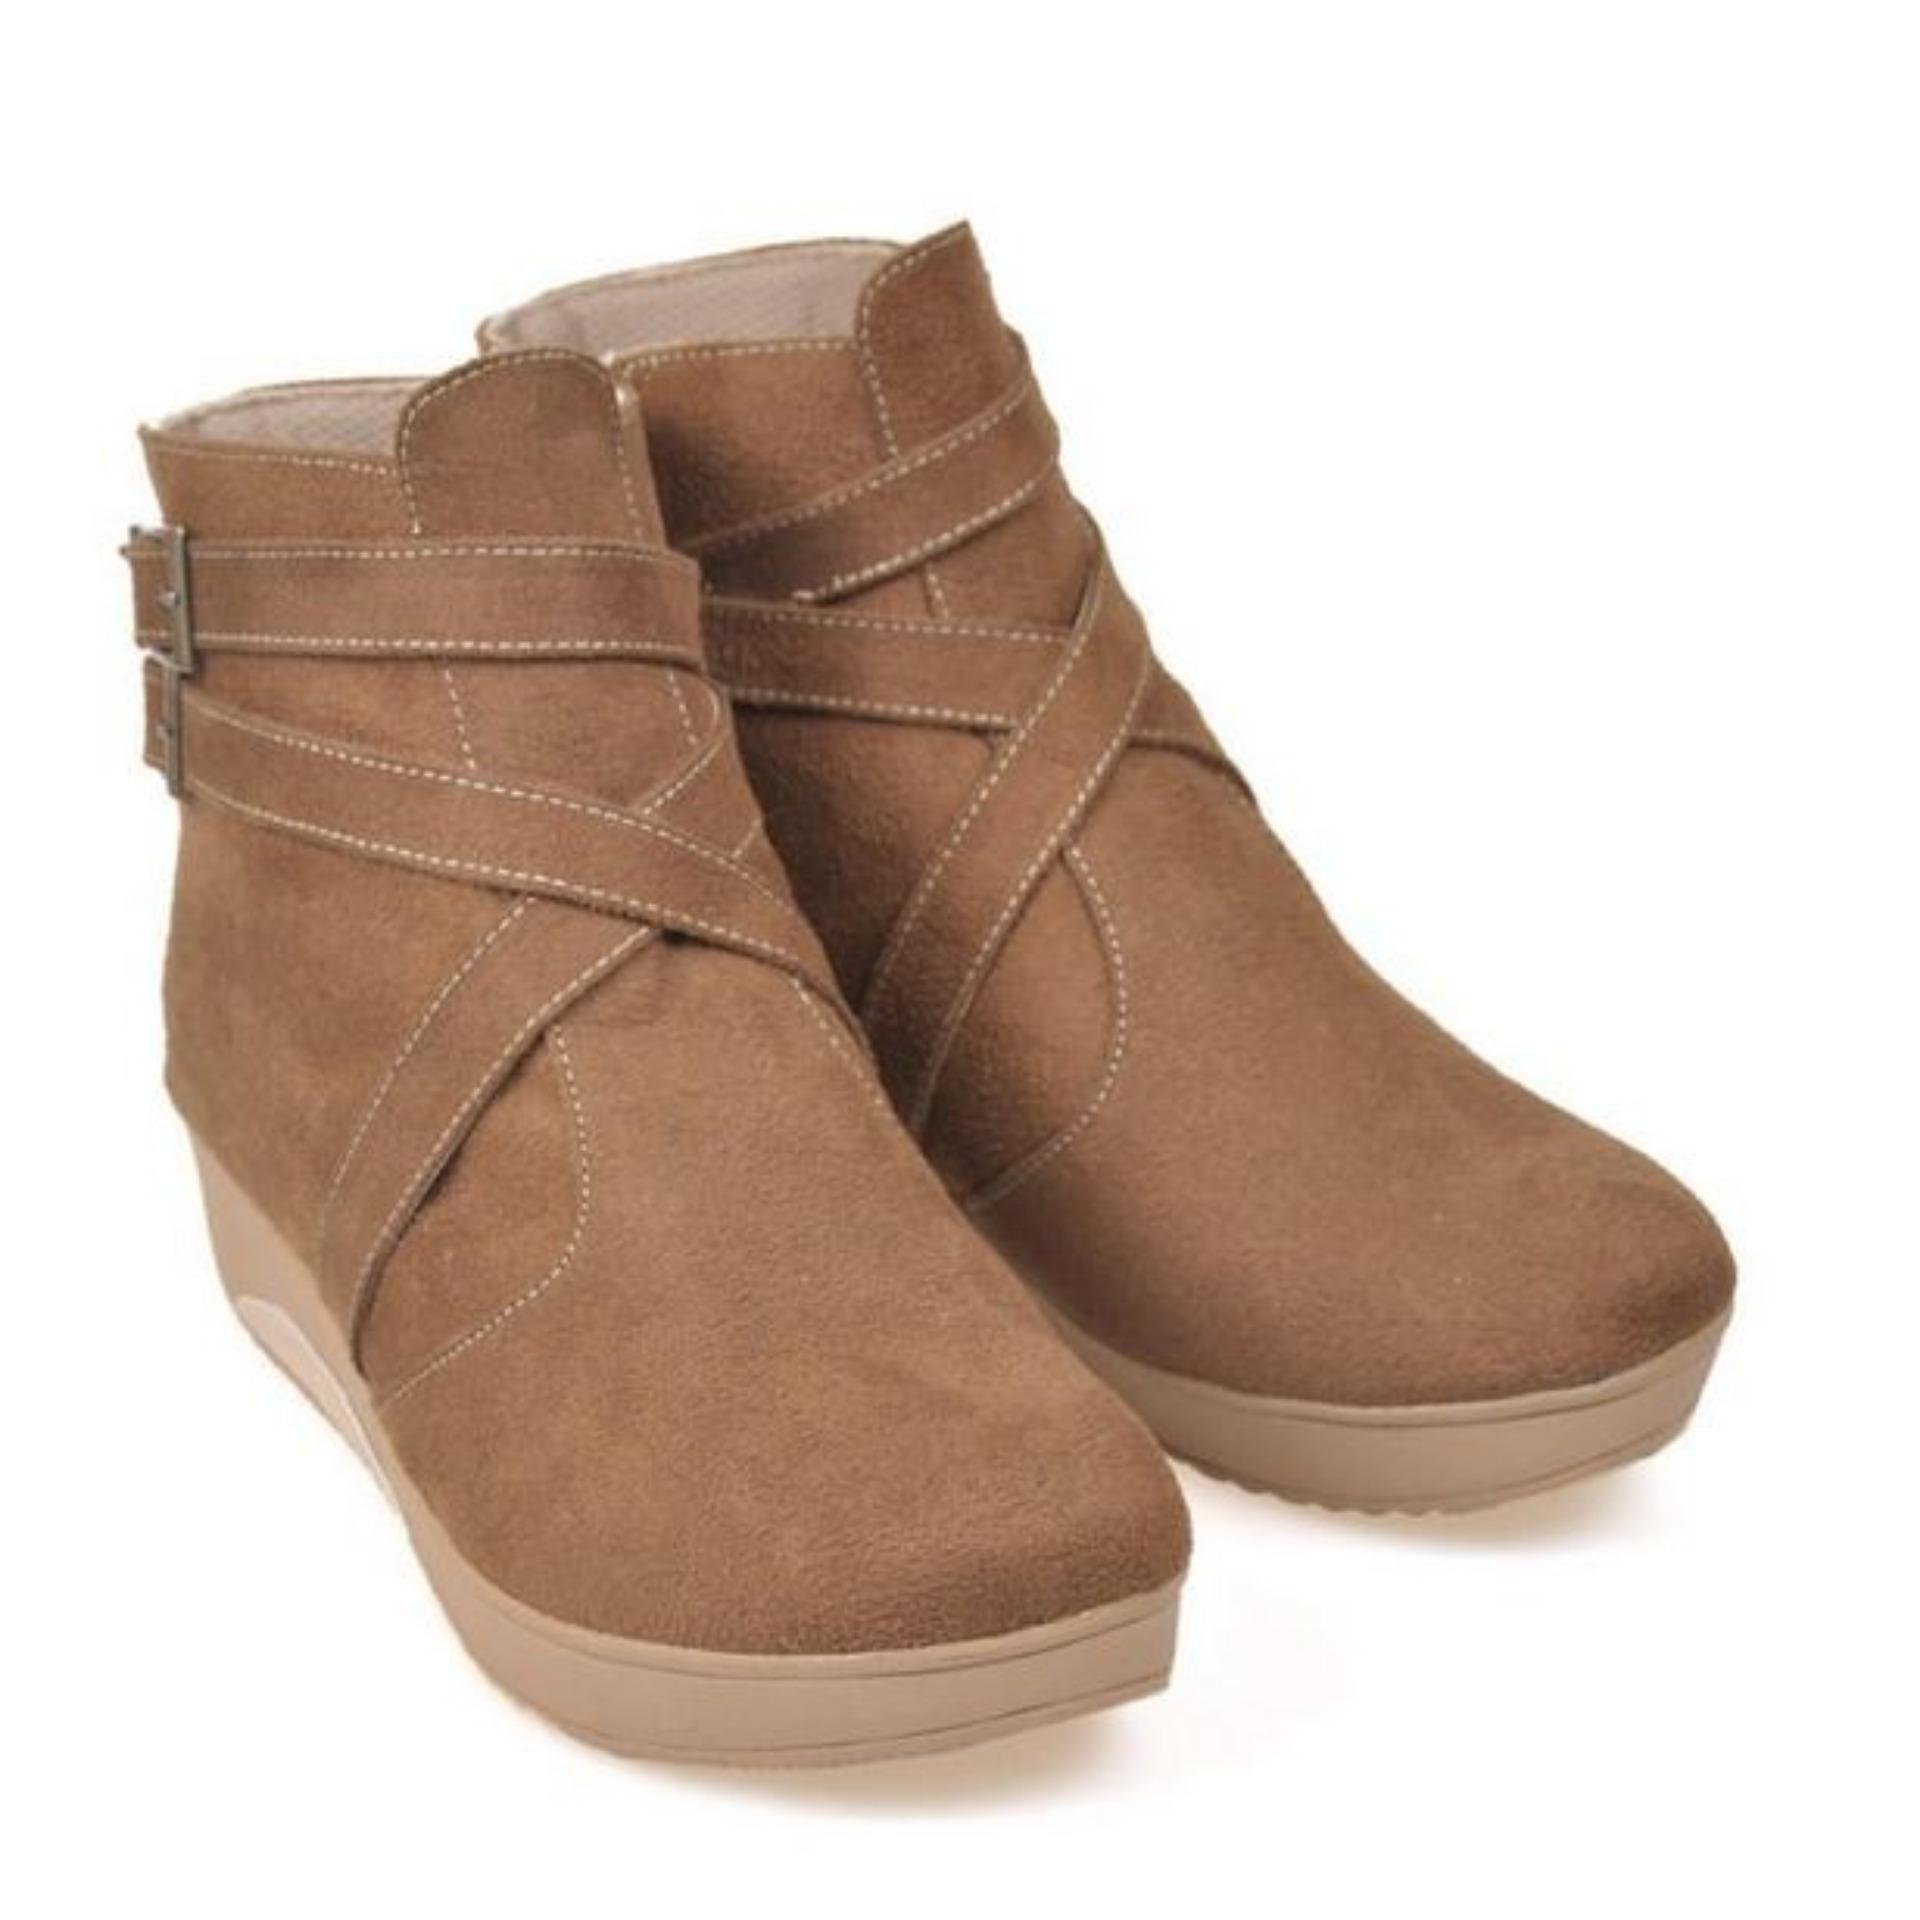 Diskon Sepatu Boot Casual Flat Wanita Jodhpur Zipper Boots Bji674